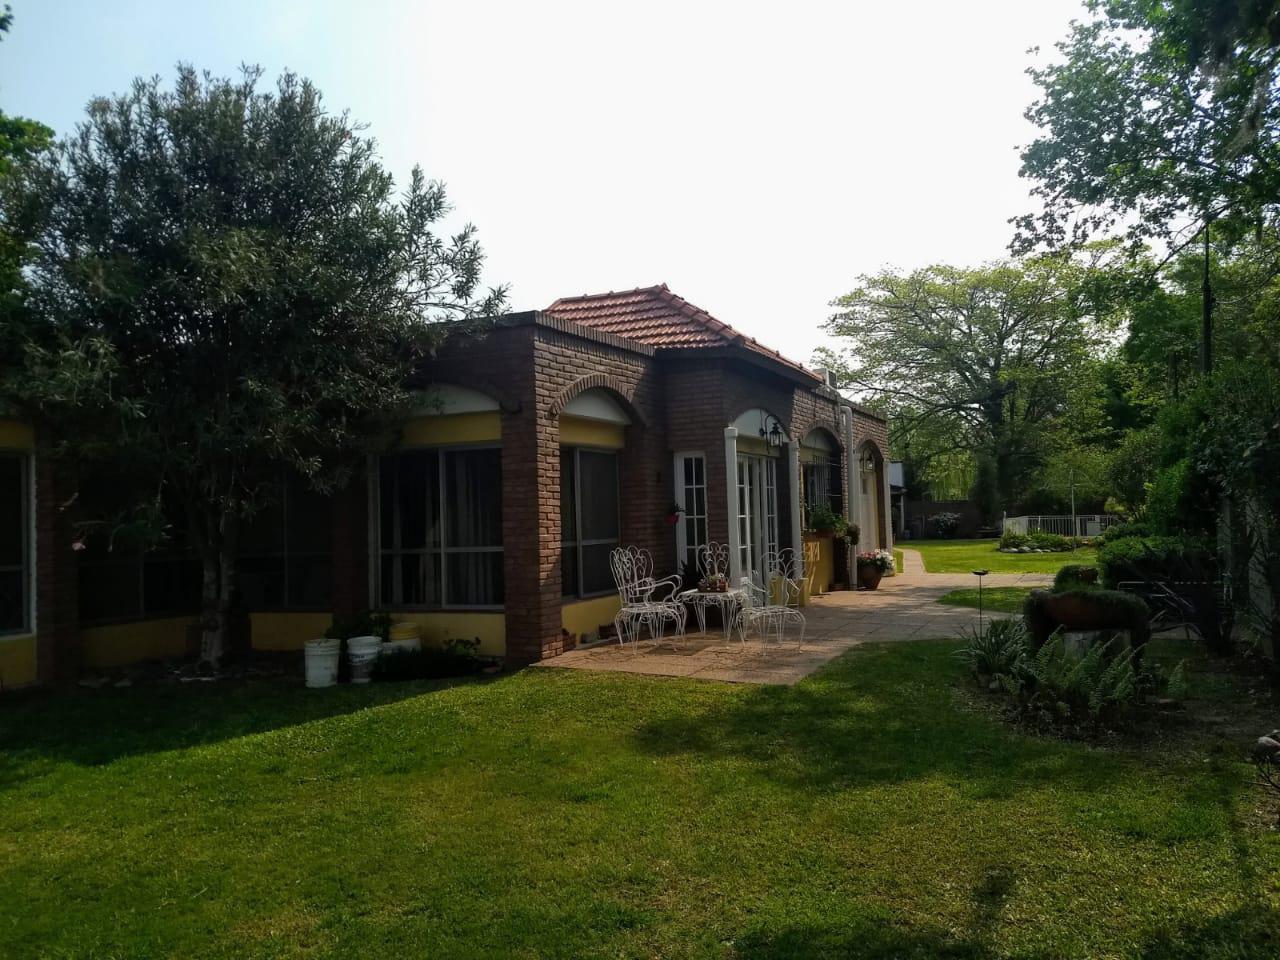 Los Robles al 1200 - Gaggiotti Inmobiliaria cuenta con más de 50 años desde que se inicio en el negocio de los servicios inmobiliarios.